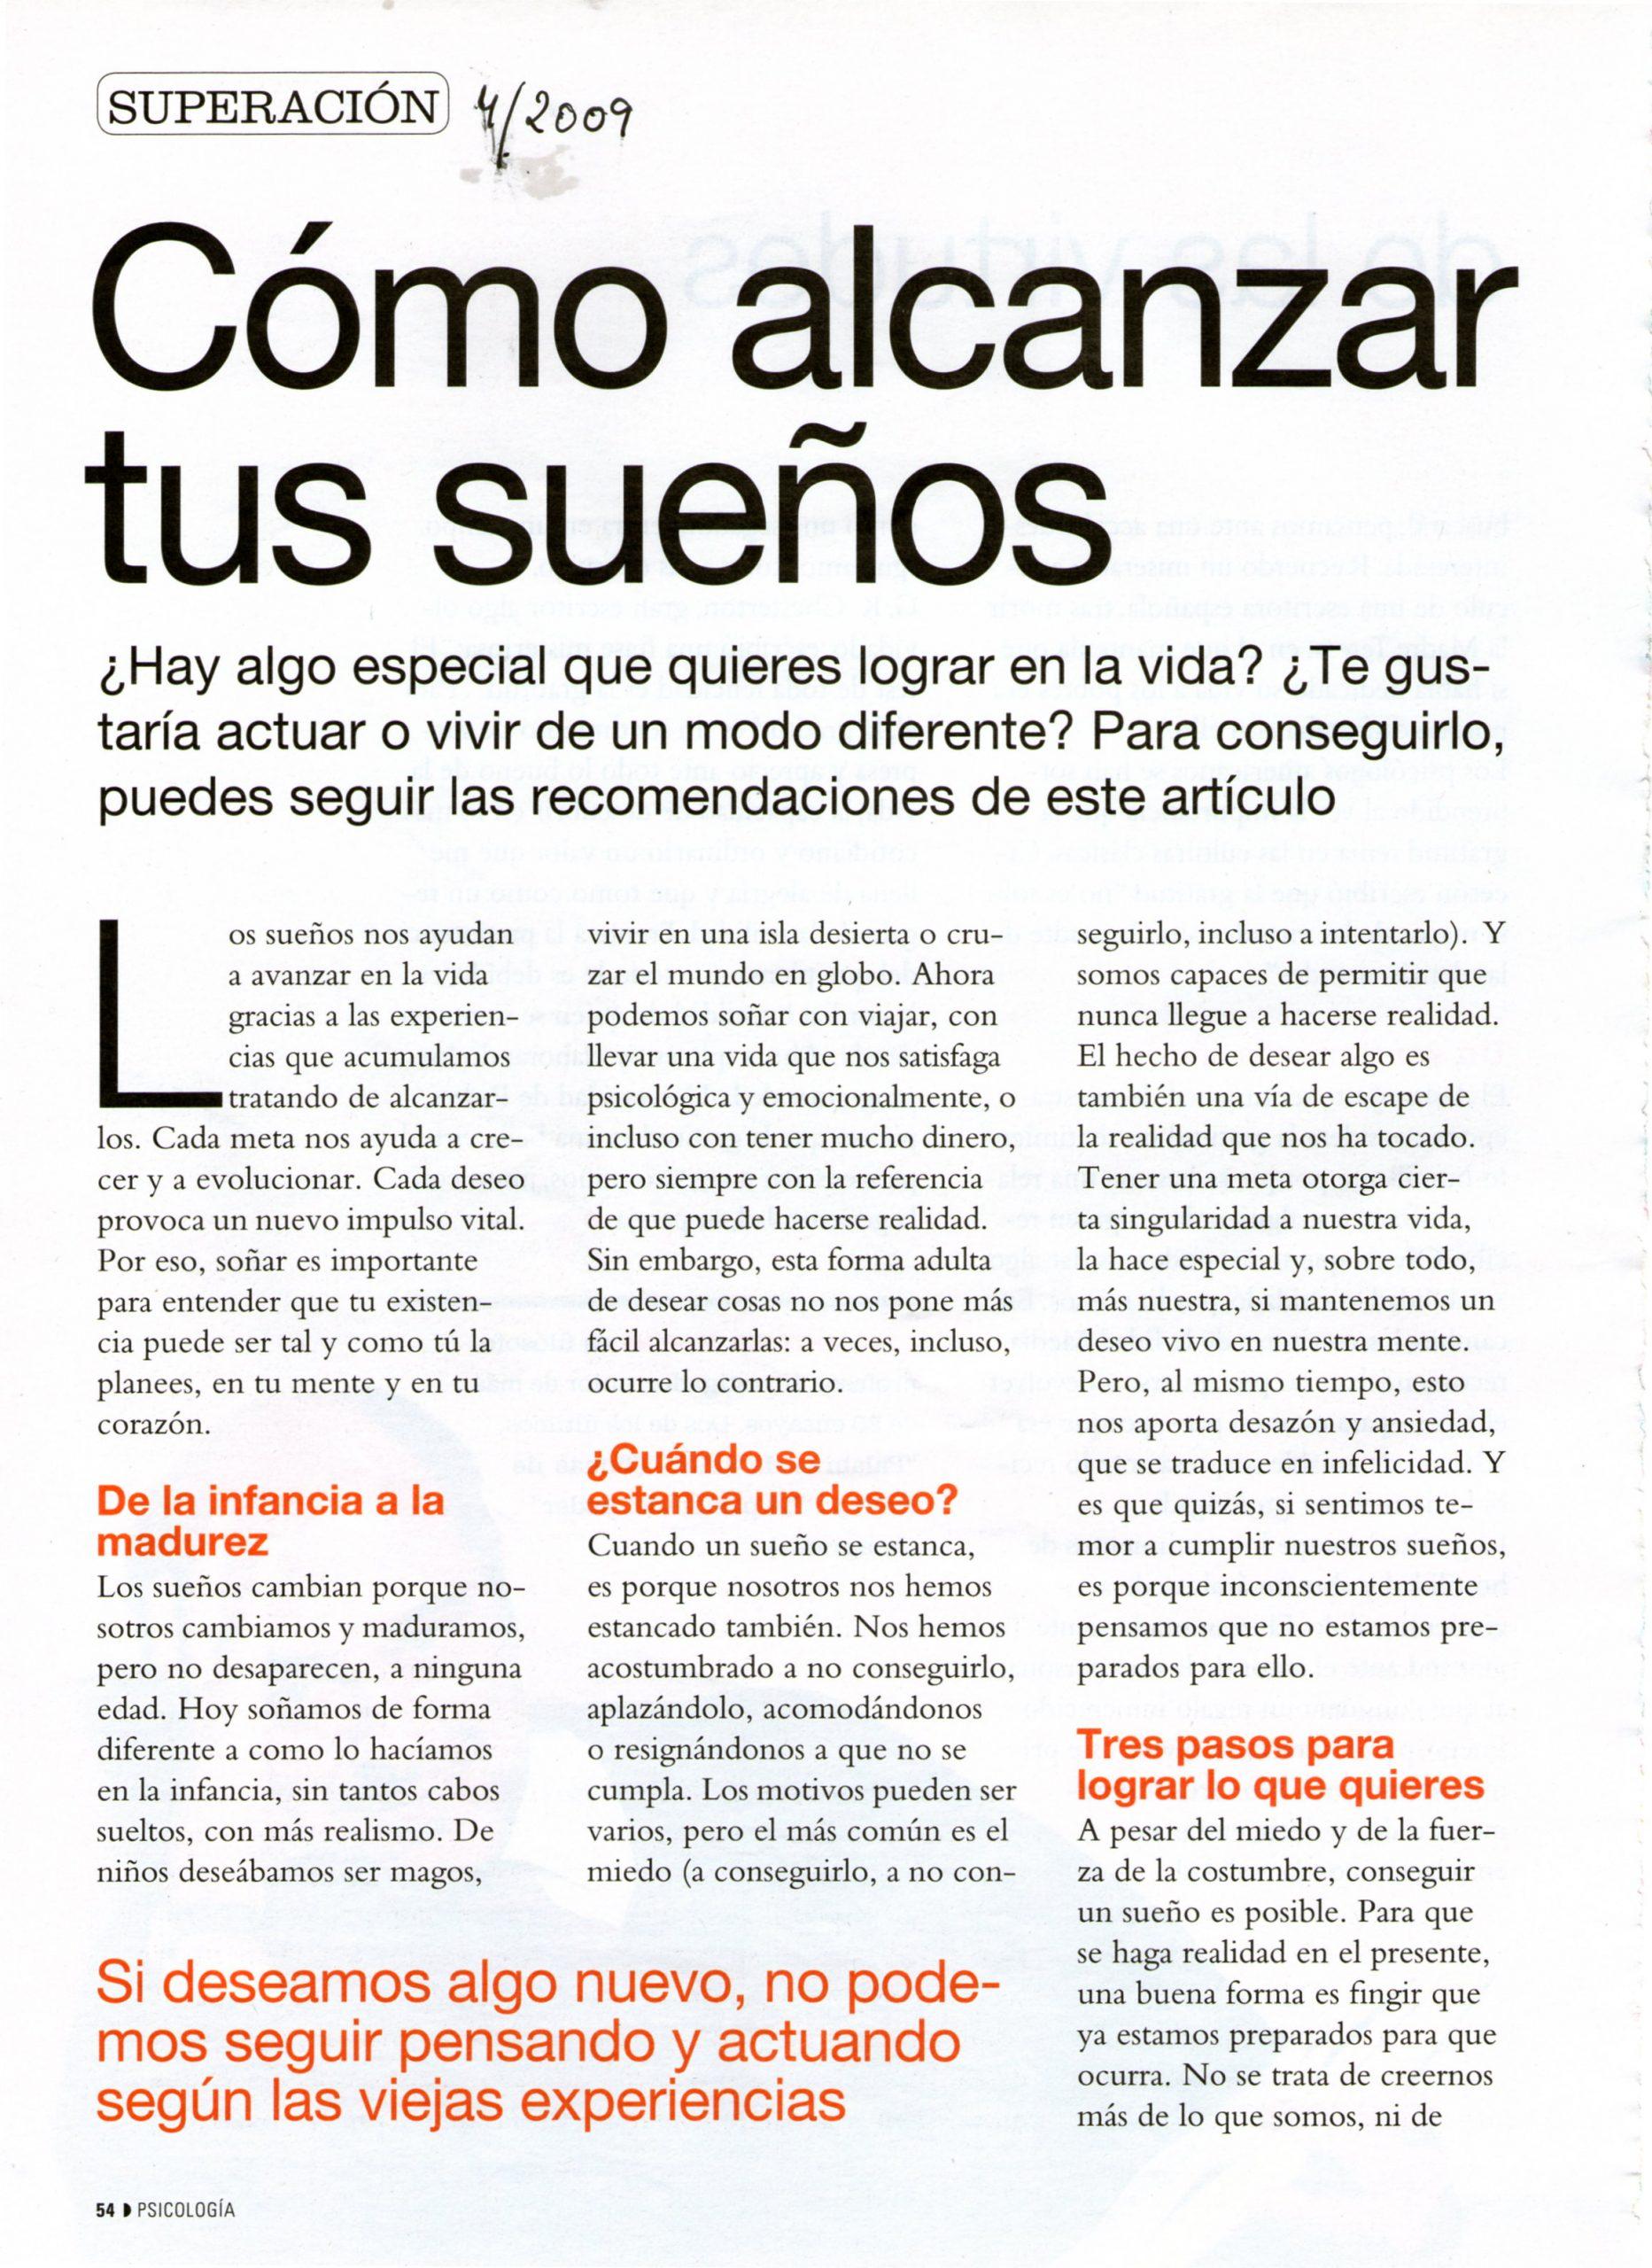 Nº 280 COSMOPOLITAN, pag 1, Mar Cantero Sánchez